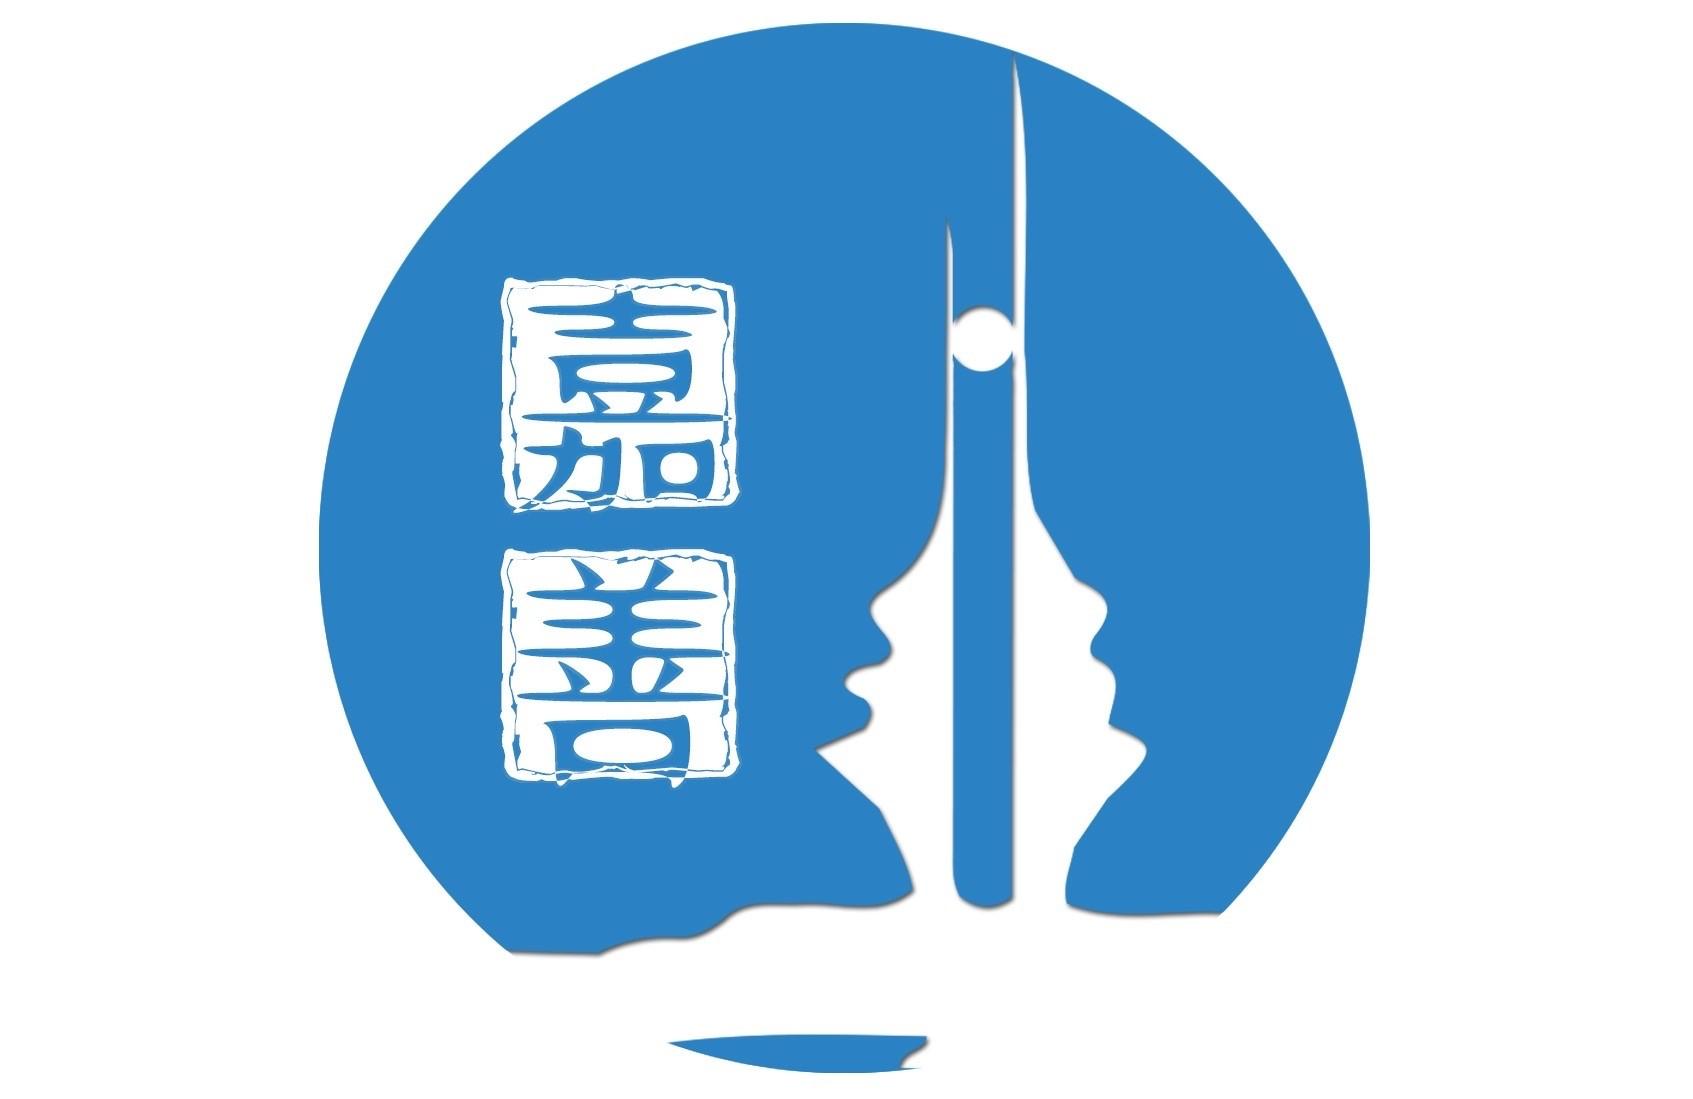 高陵汽车站_华商频道 - - 海外网